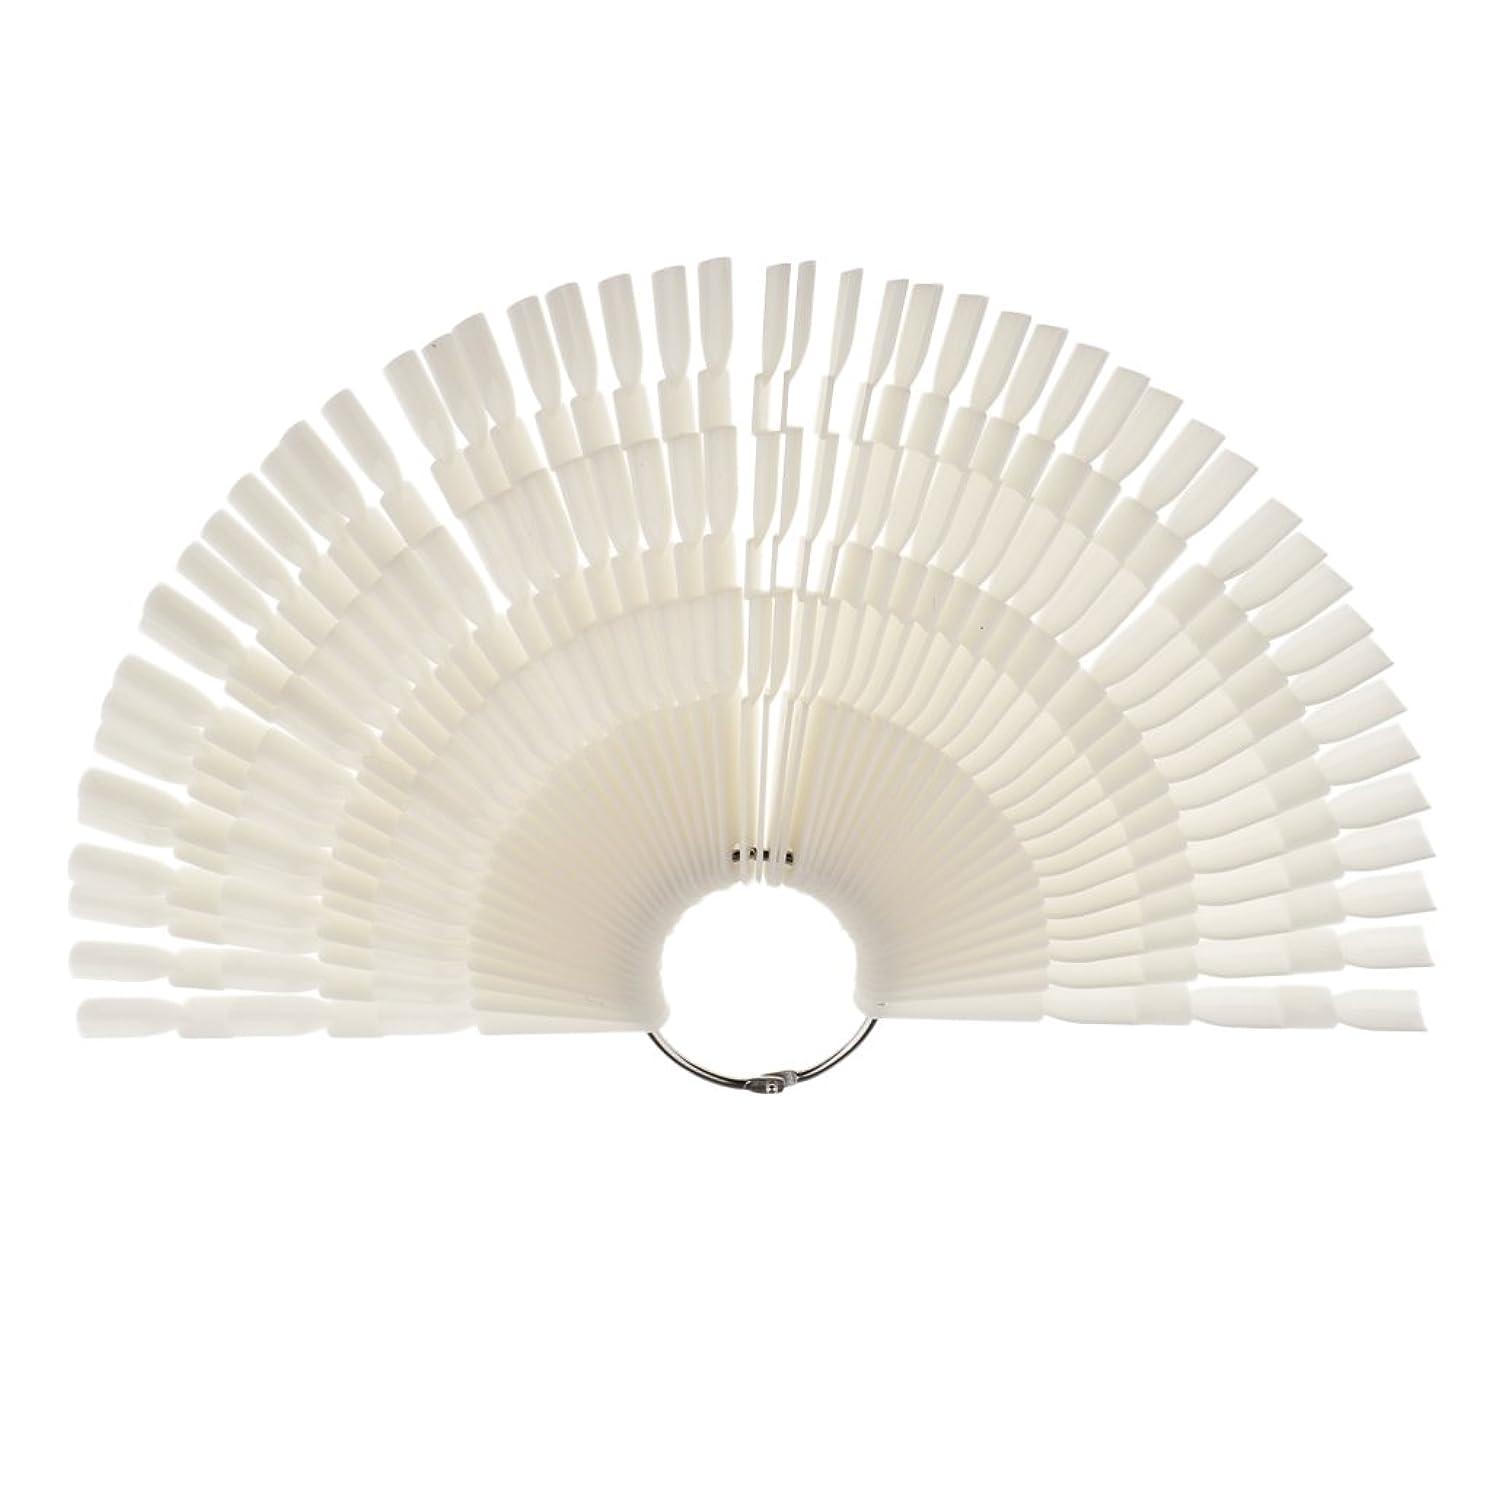 信頼性のあるシミュレートするタービンPerfk ネイルアート カラー表示チャート 約50個の扇形ヒント カラーディスプレイパレット マニキュア モデル 2タイプ選べる - ナチュラル